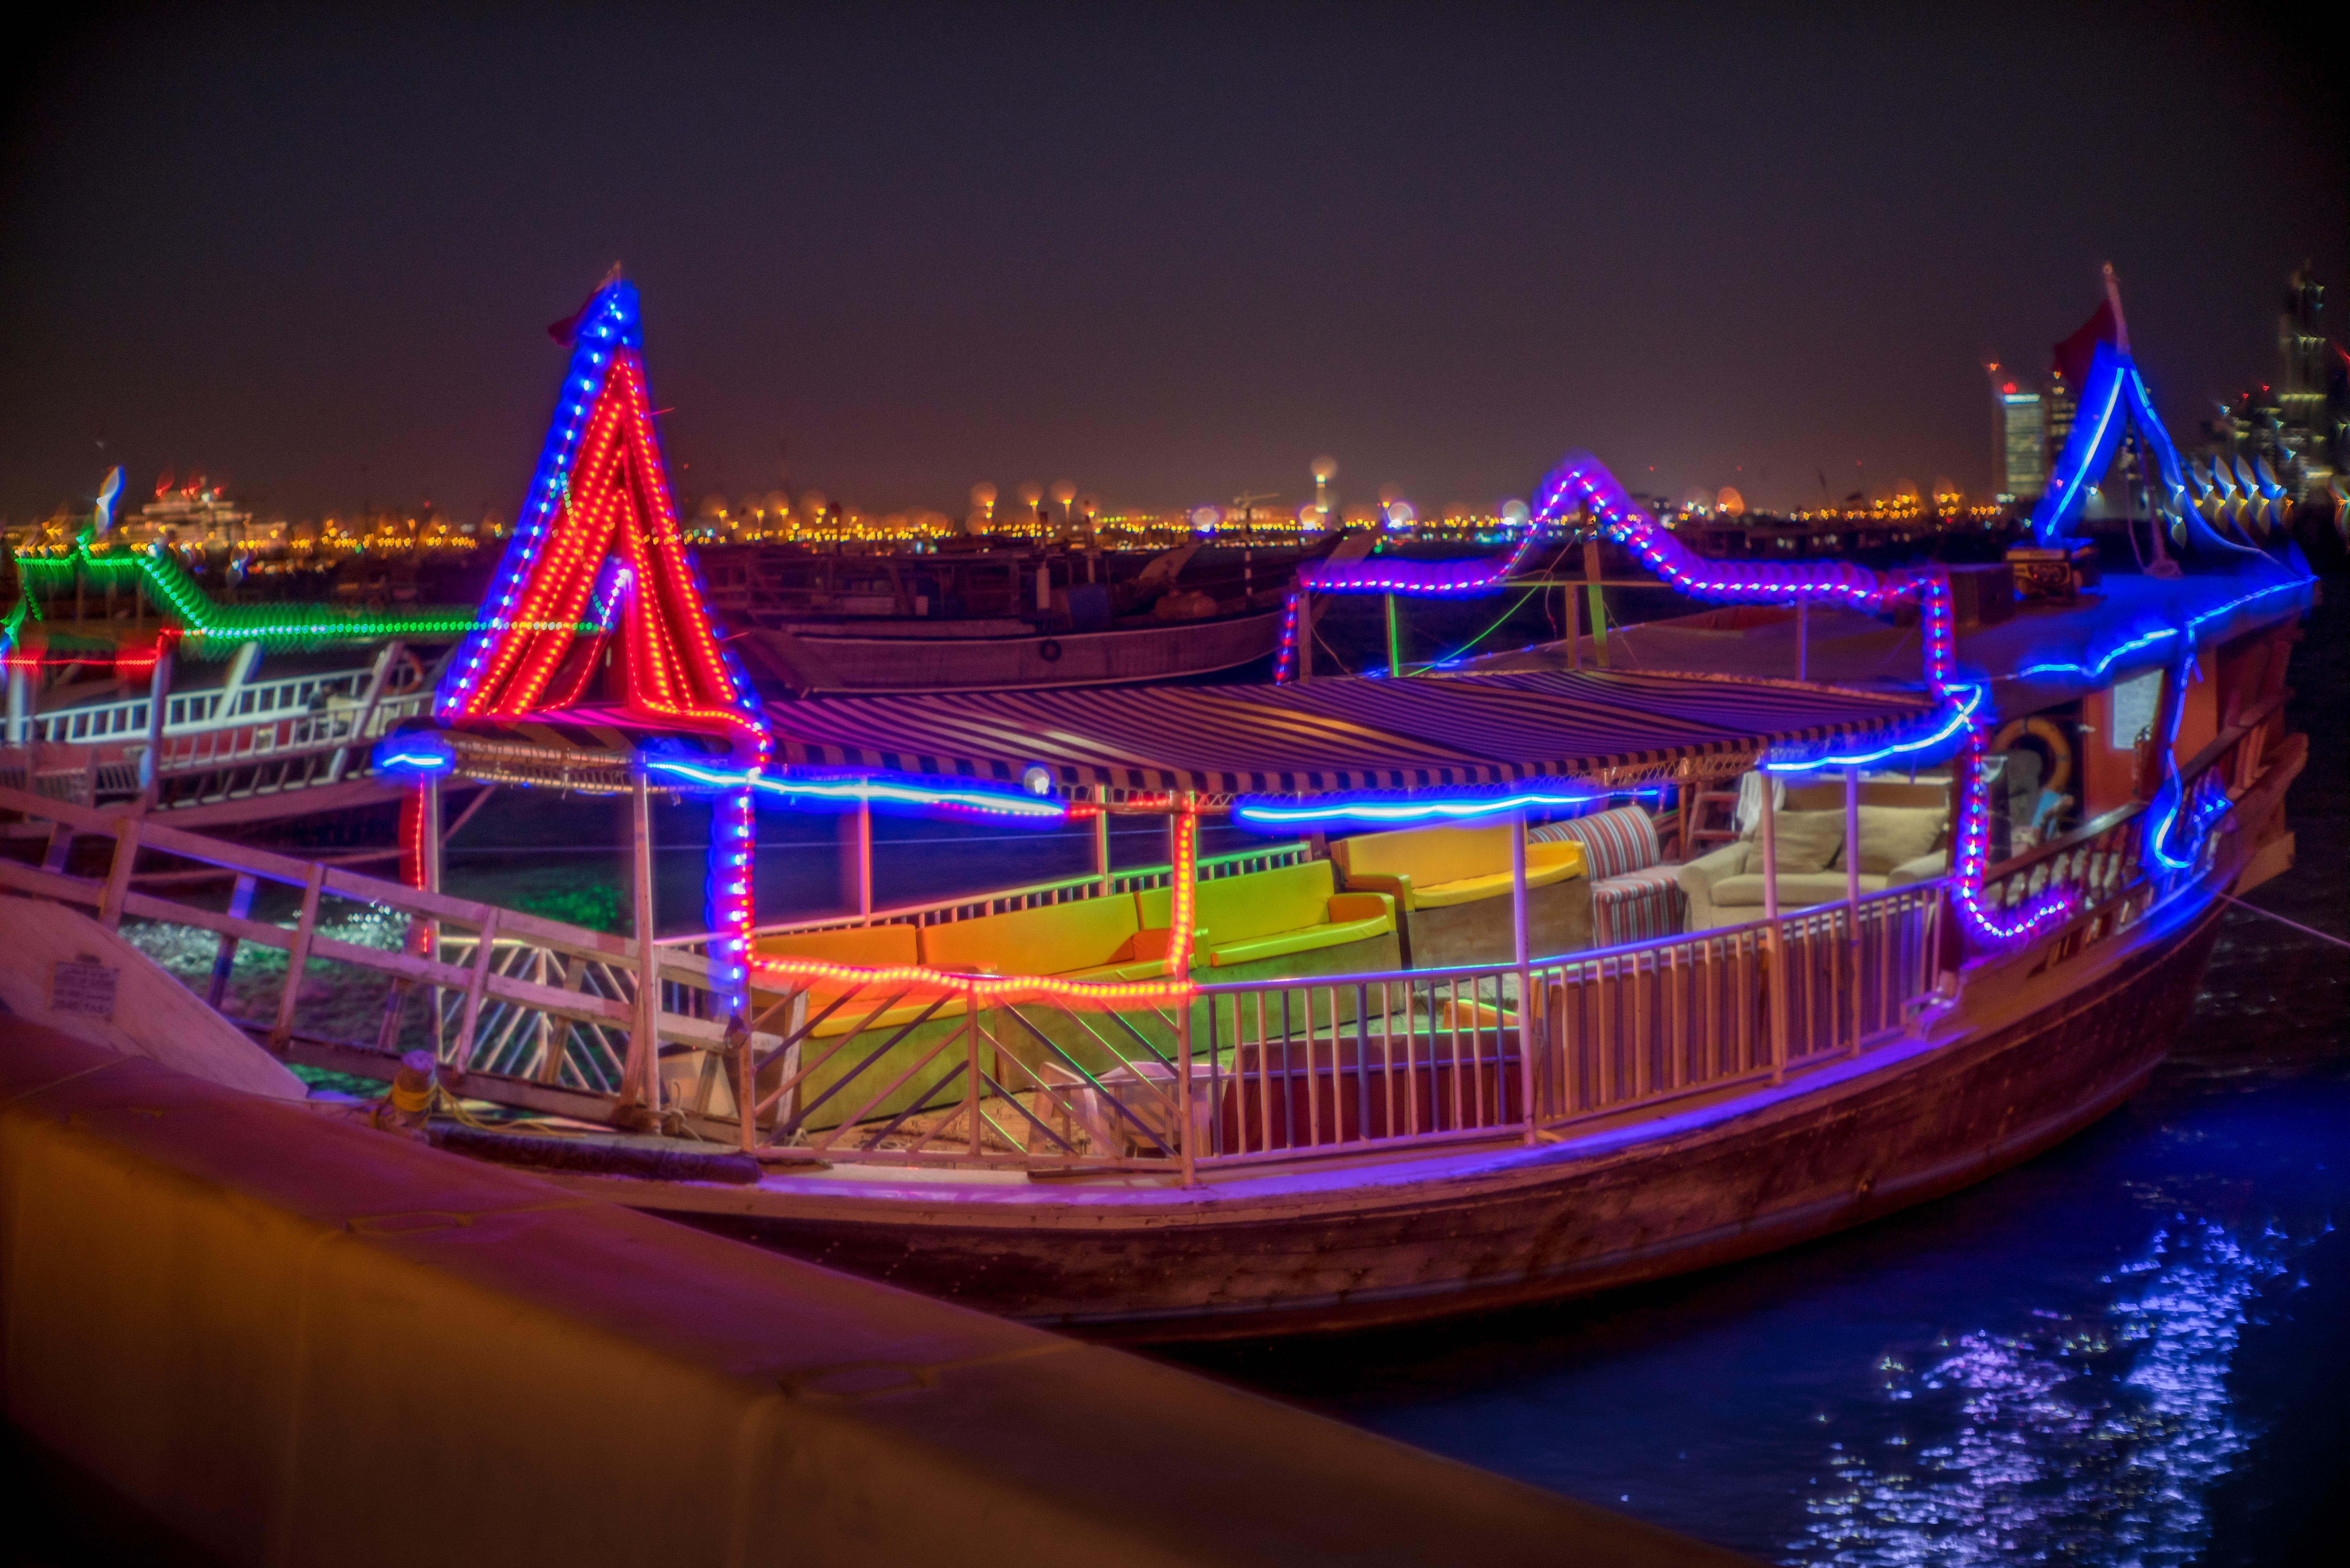 Boat in Doha